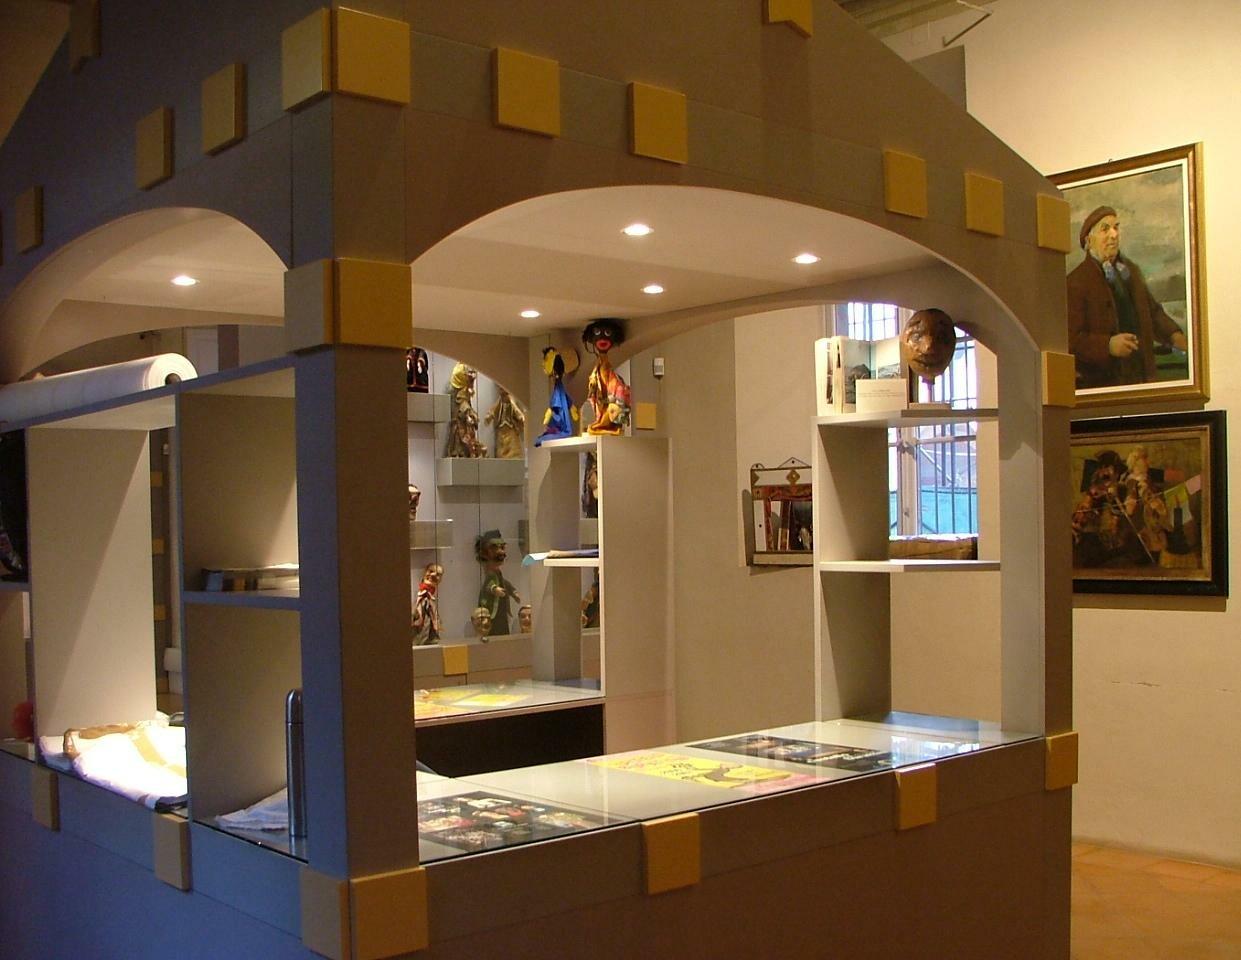 Musei civici nel weekend  Le proposte per sabato 15 e domennica 16 a Parma, alla Pinacoteca Stuard e del Castello dei Burattini.